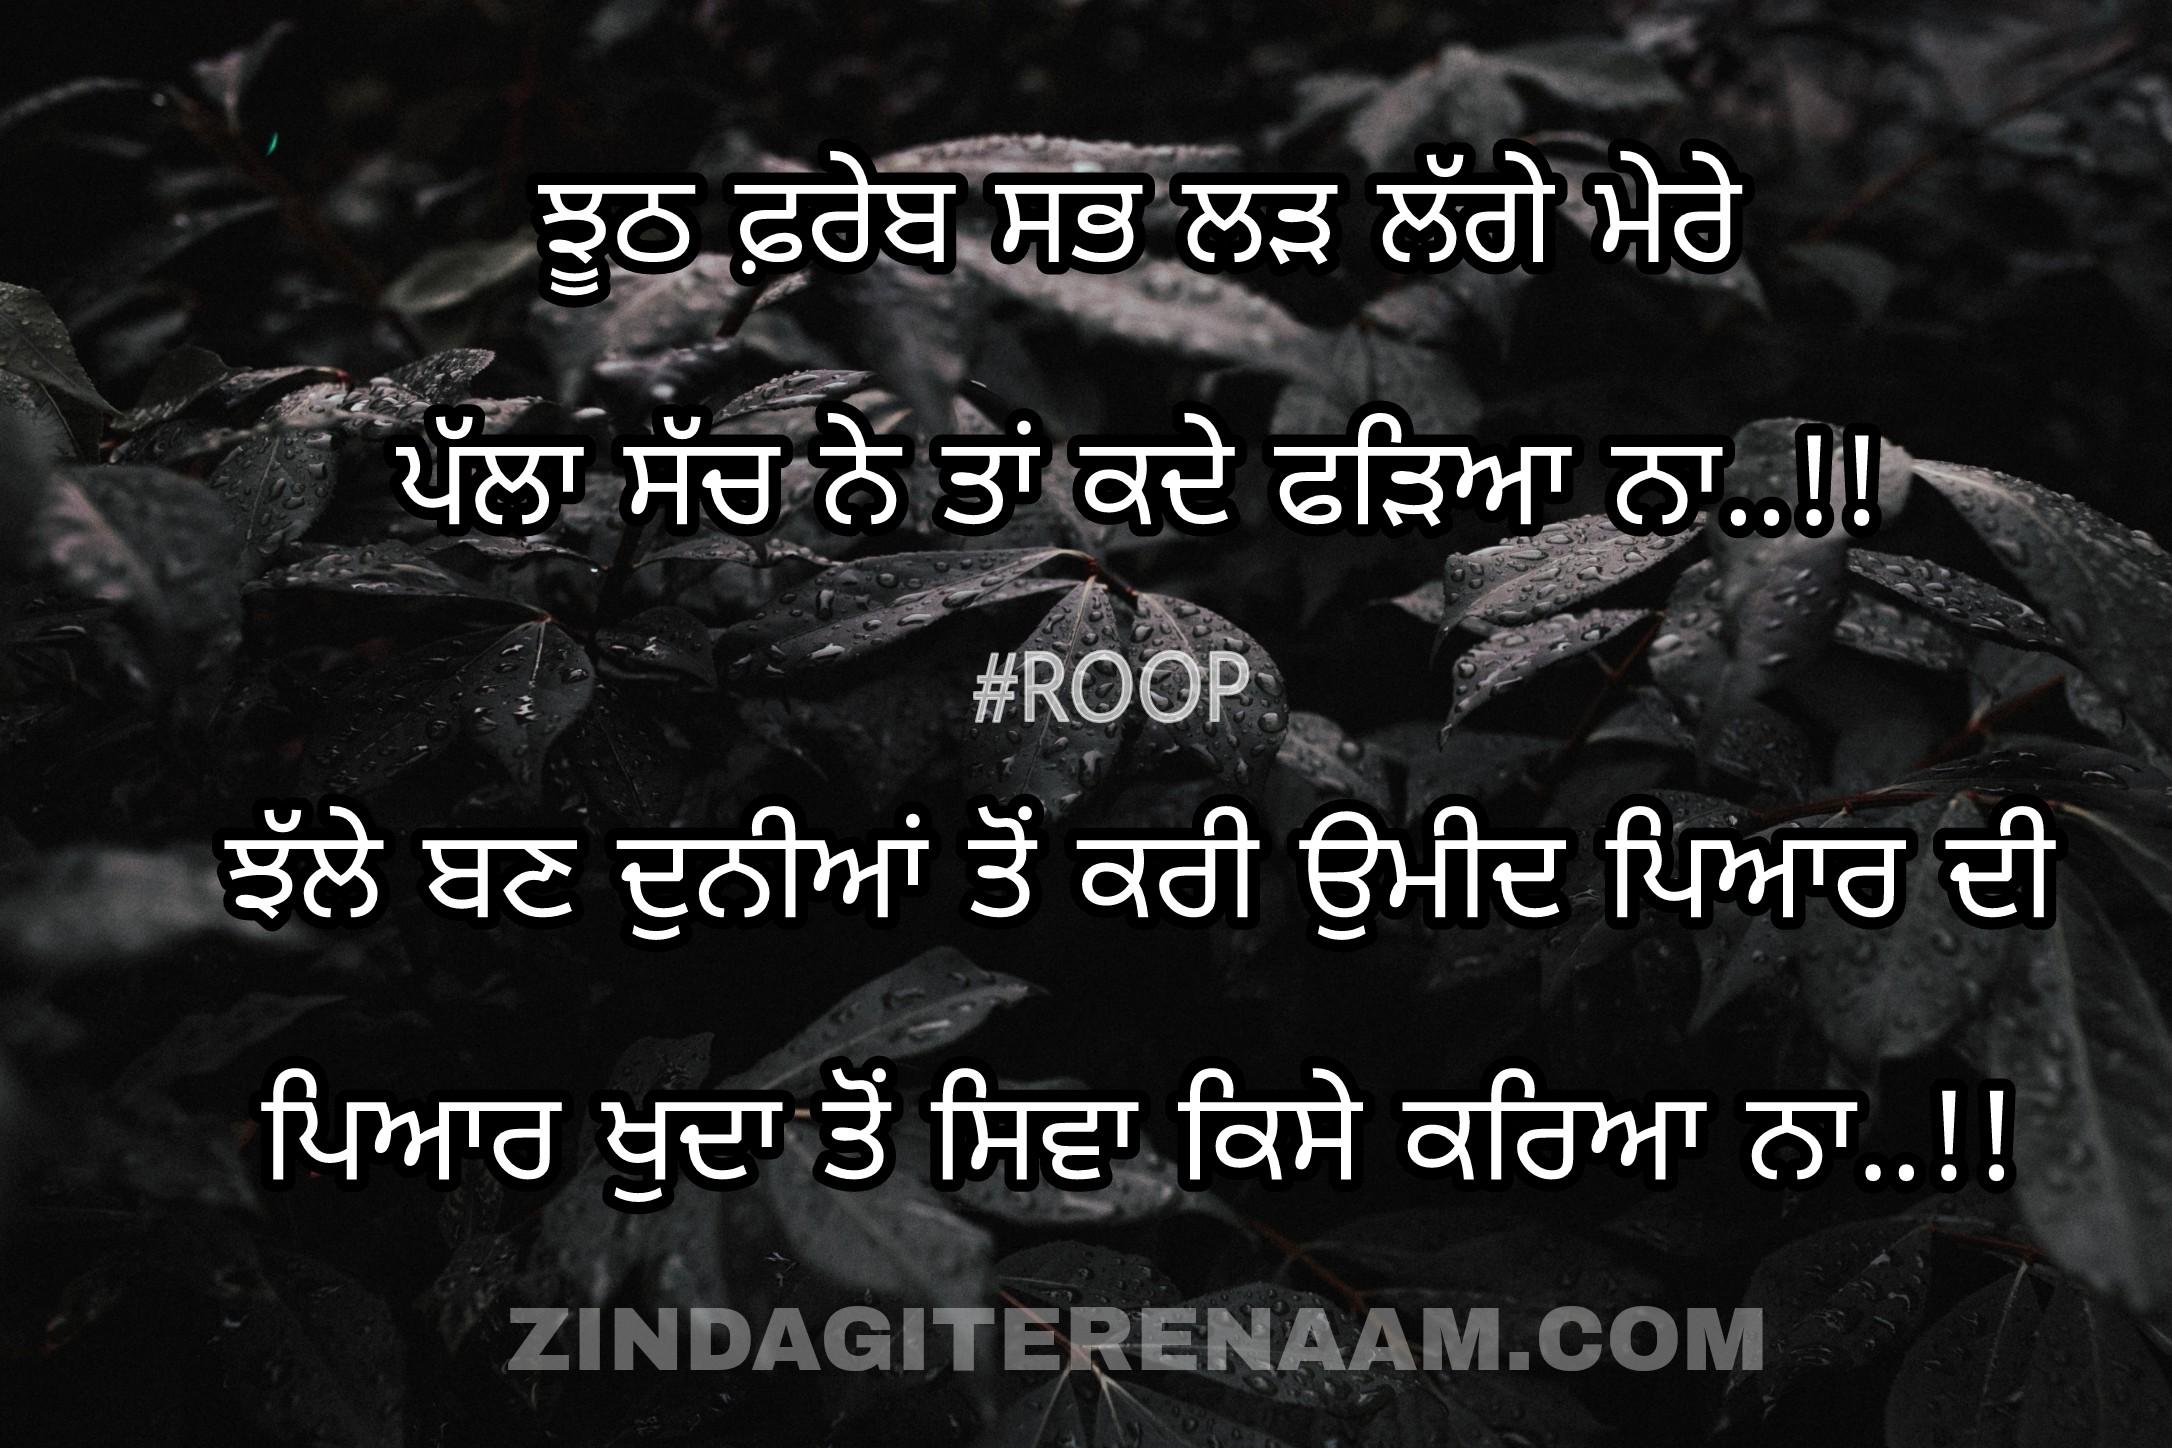 God-shayari-sad-punjabi-status ...